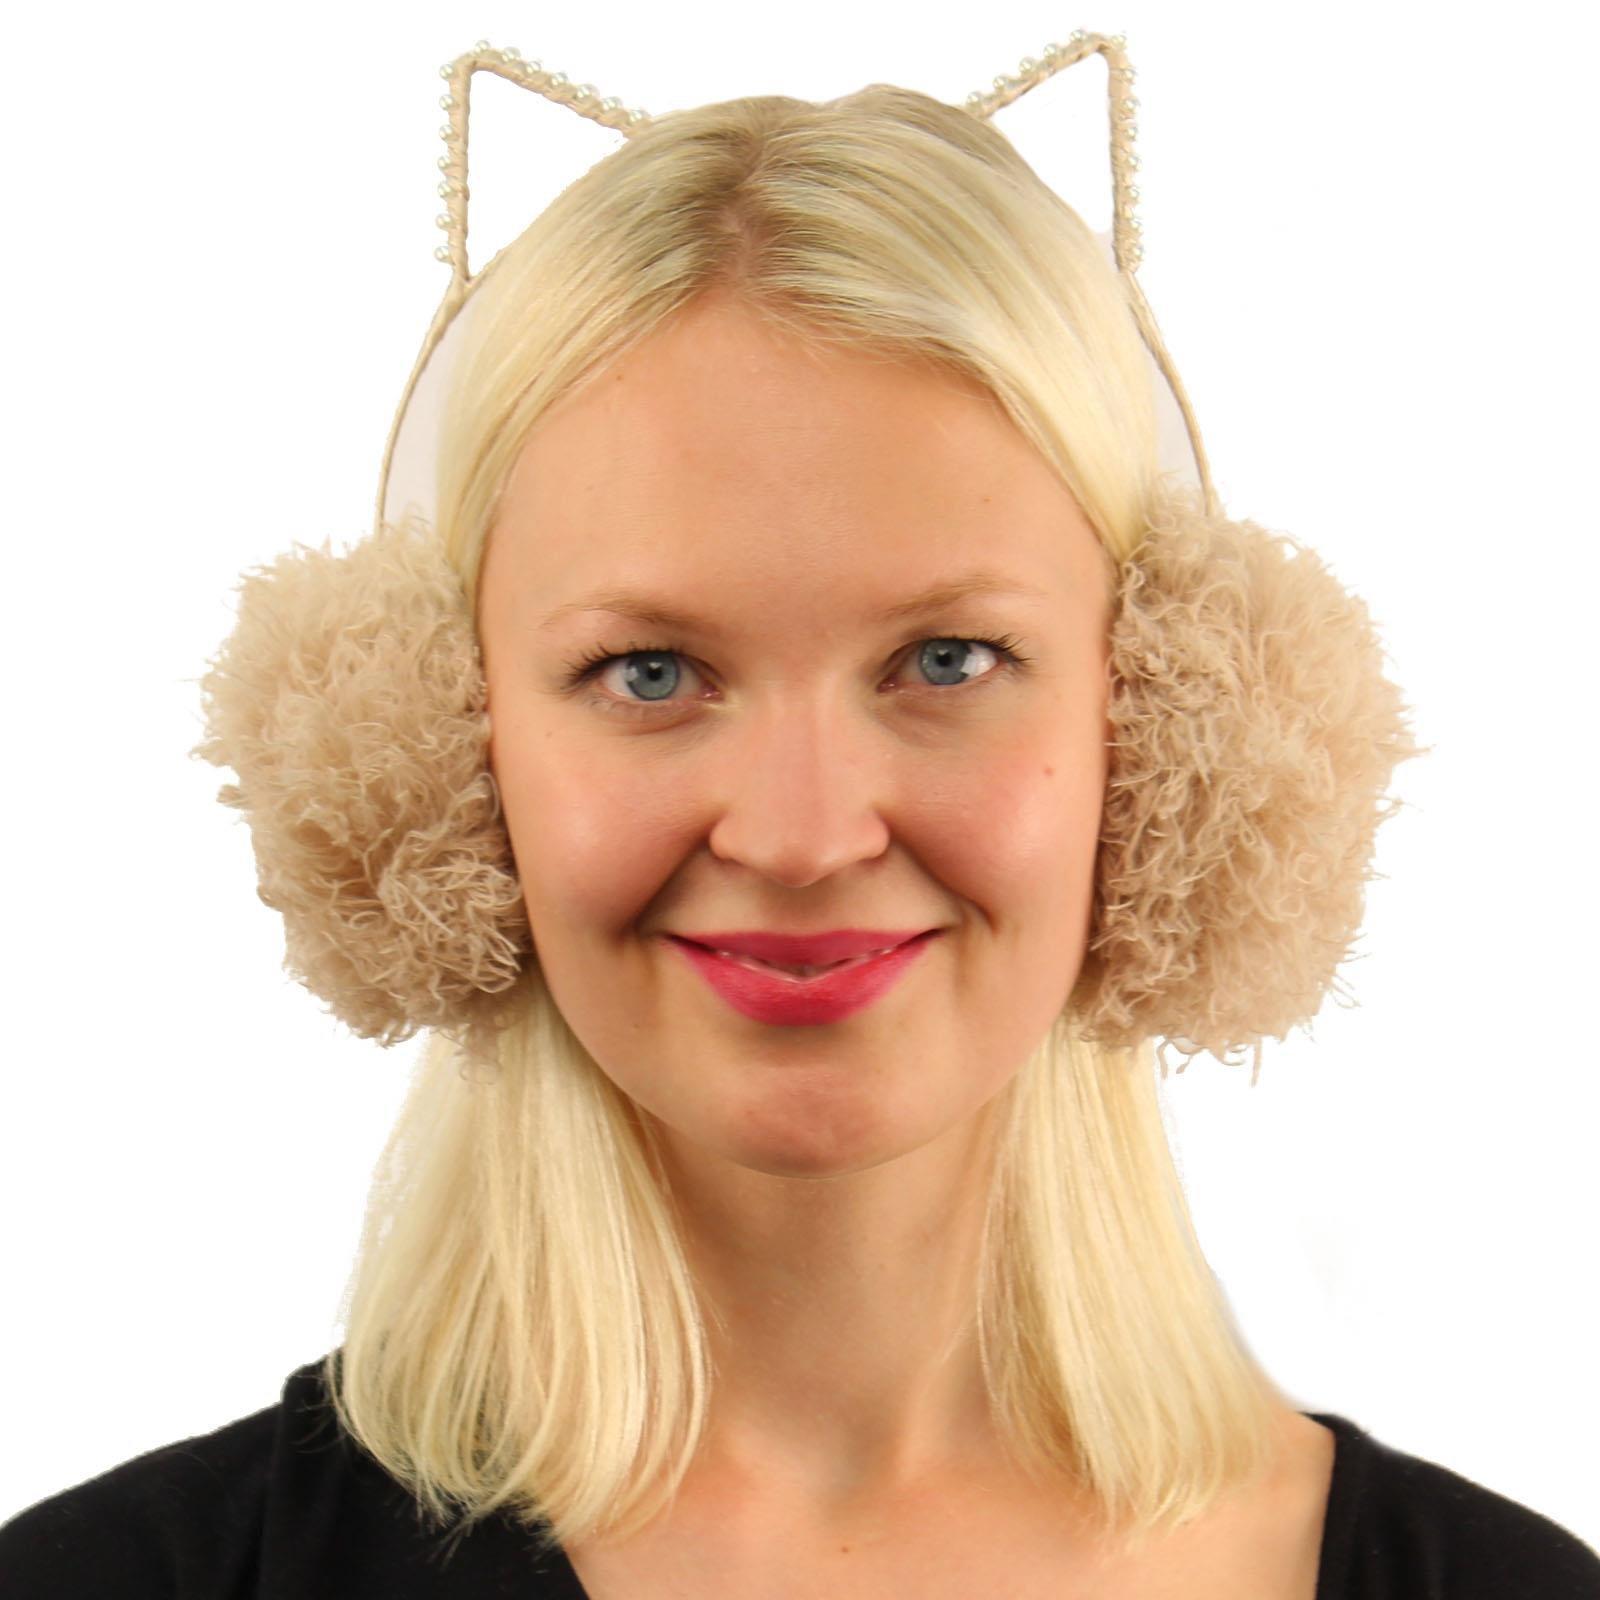 Winter Cute Kitty Cat Ears Soft Faux Fur Headband Earmuffs Earwarmer Ski